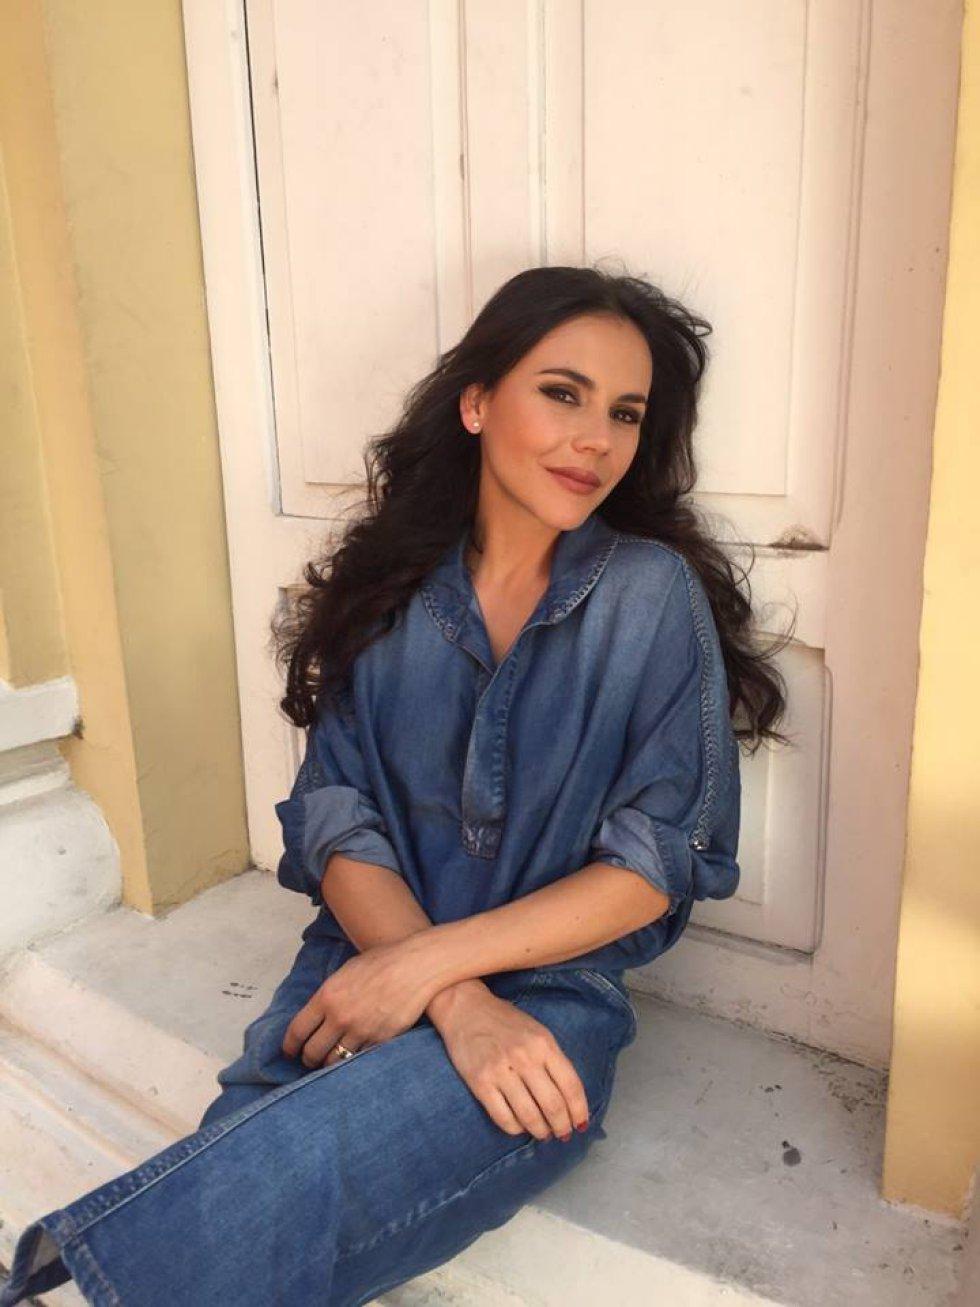 La actriz y cantante tuvo que explicar con un mensaje abierto a sus fans que su bajada de peso tiene relación con el nuevo personaje que interpreta en TV.